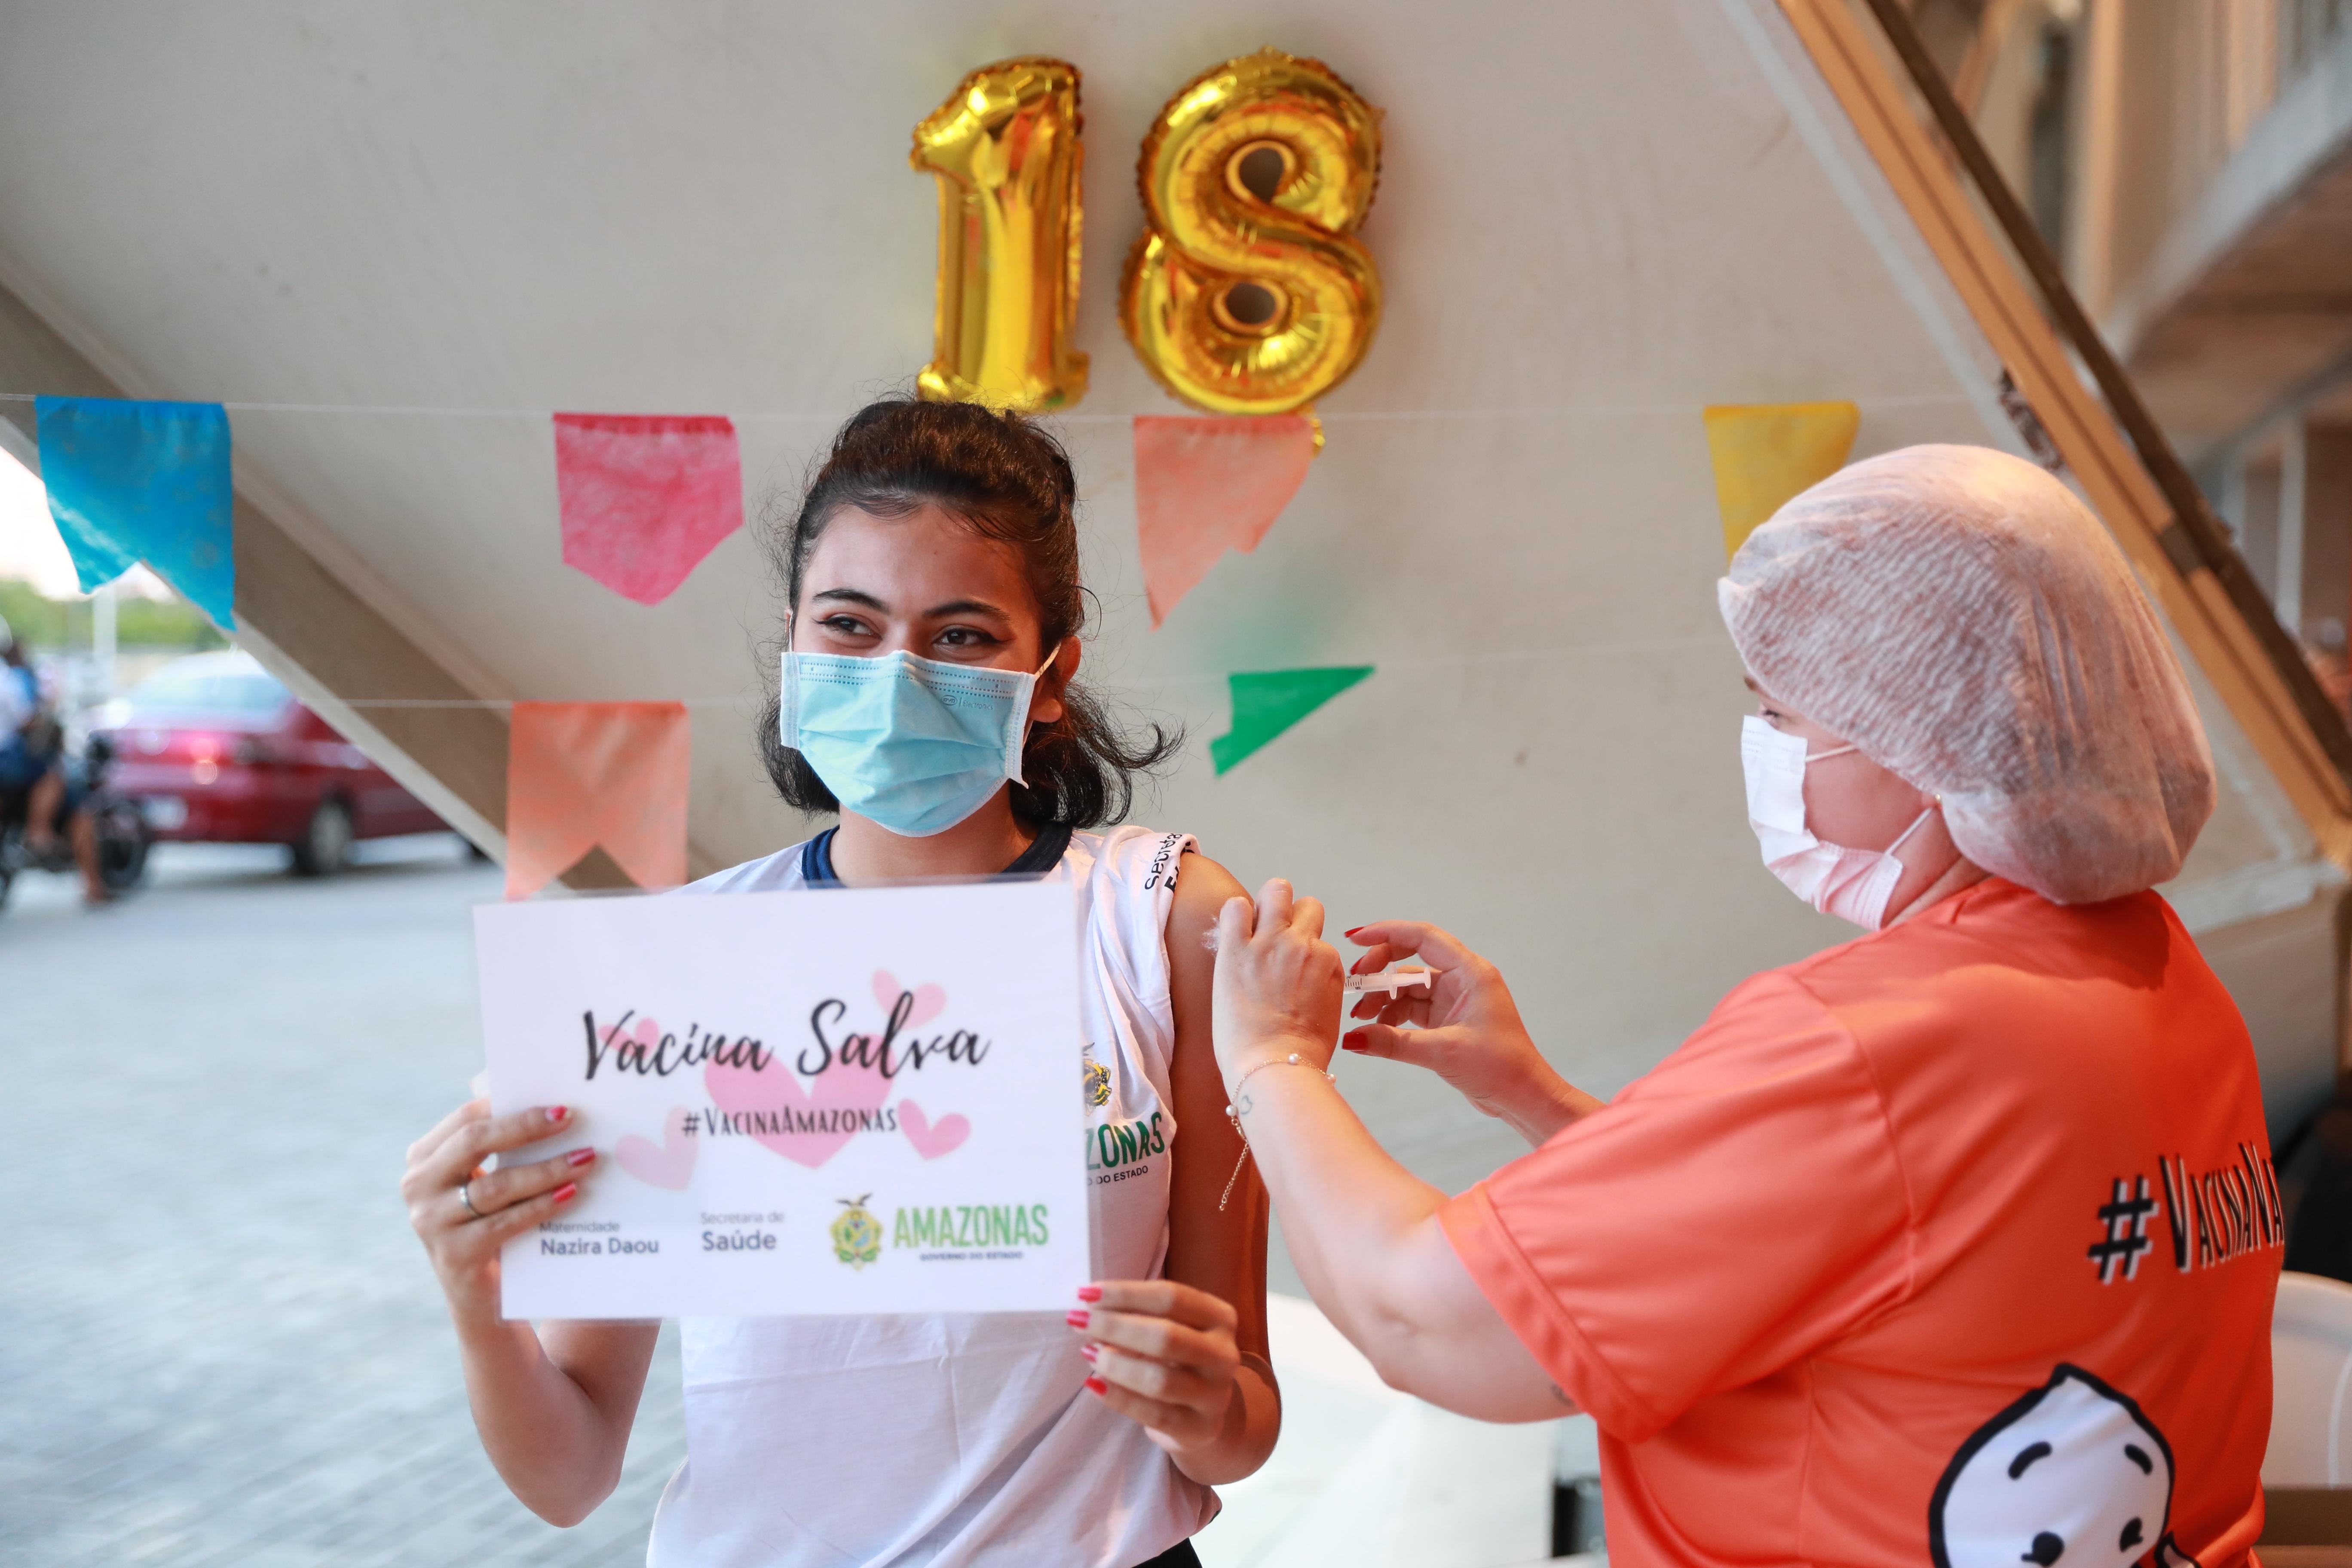 Da escola para o posto de vacinação: grupo de alunos da rede estadual recebe primeira dose da vacina contra Covid-19